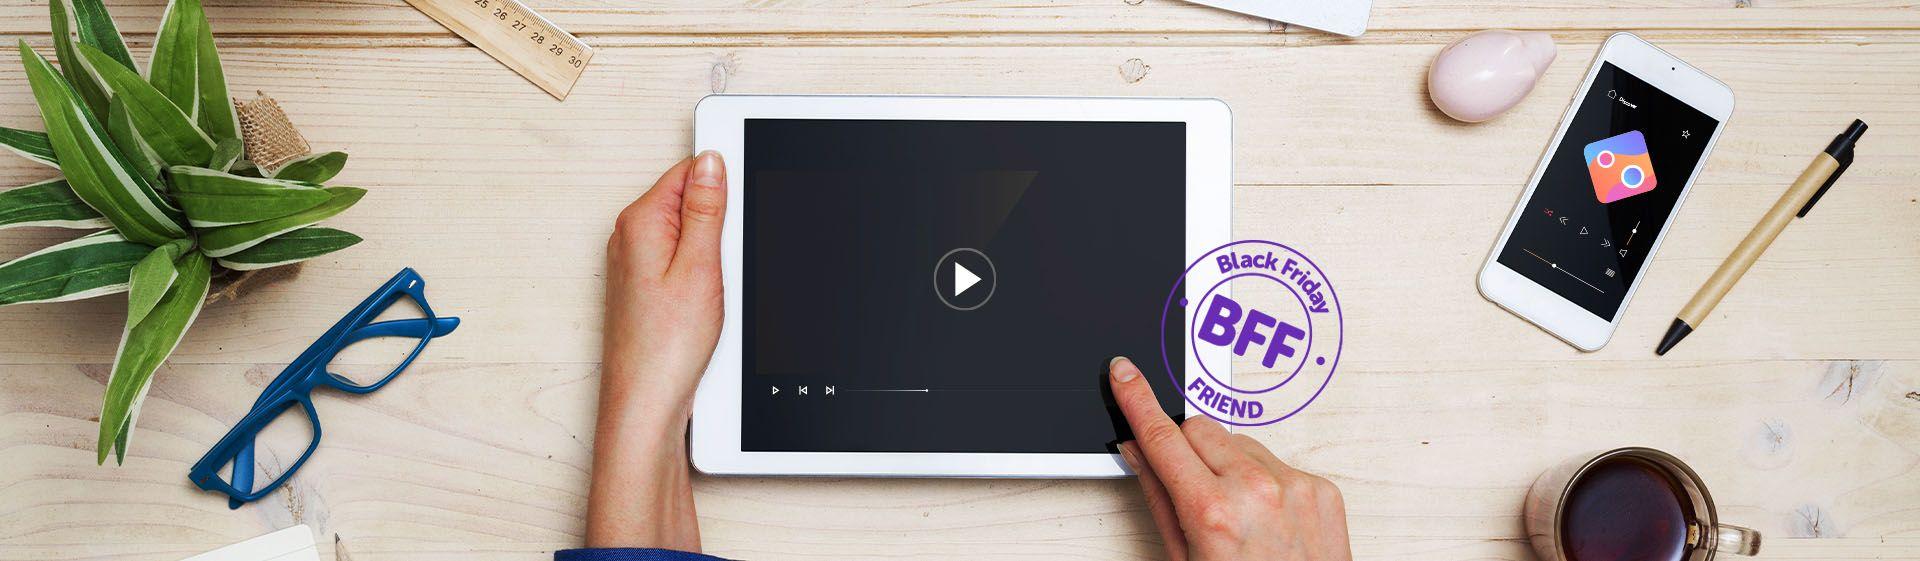 Tablet na Black Friday 2020: quais modelos devem ter preço reduzido?